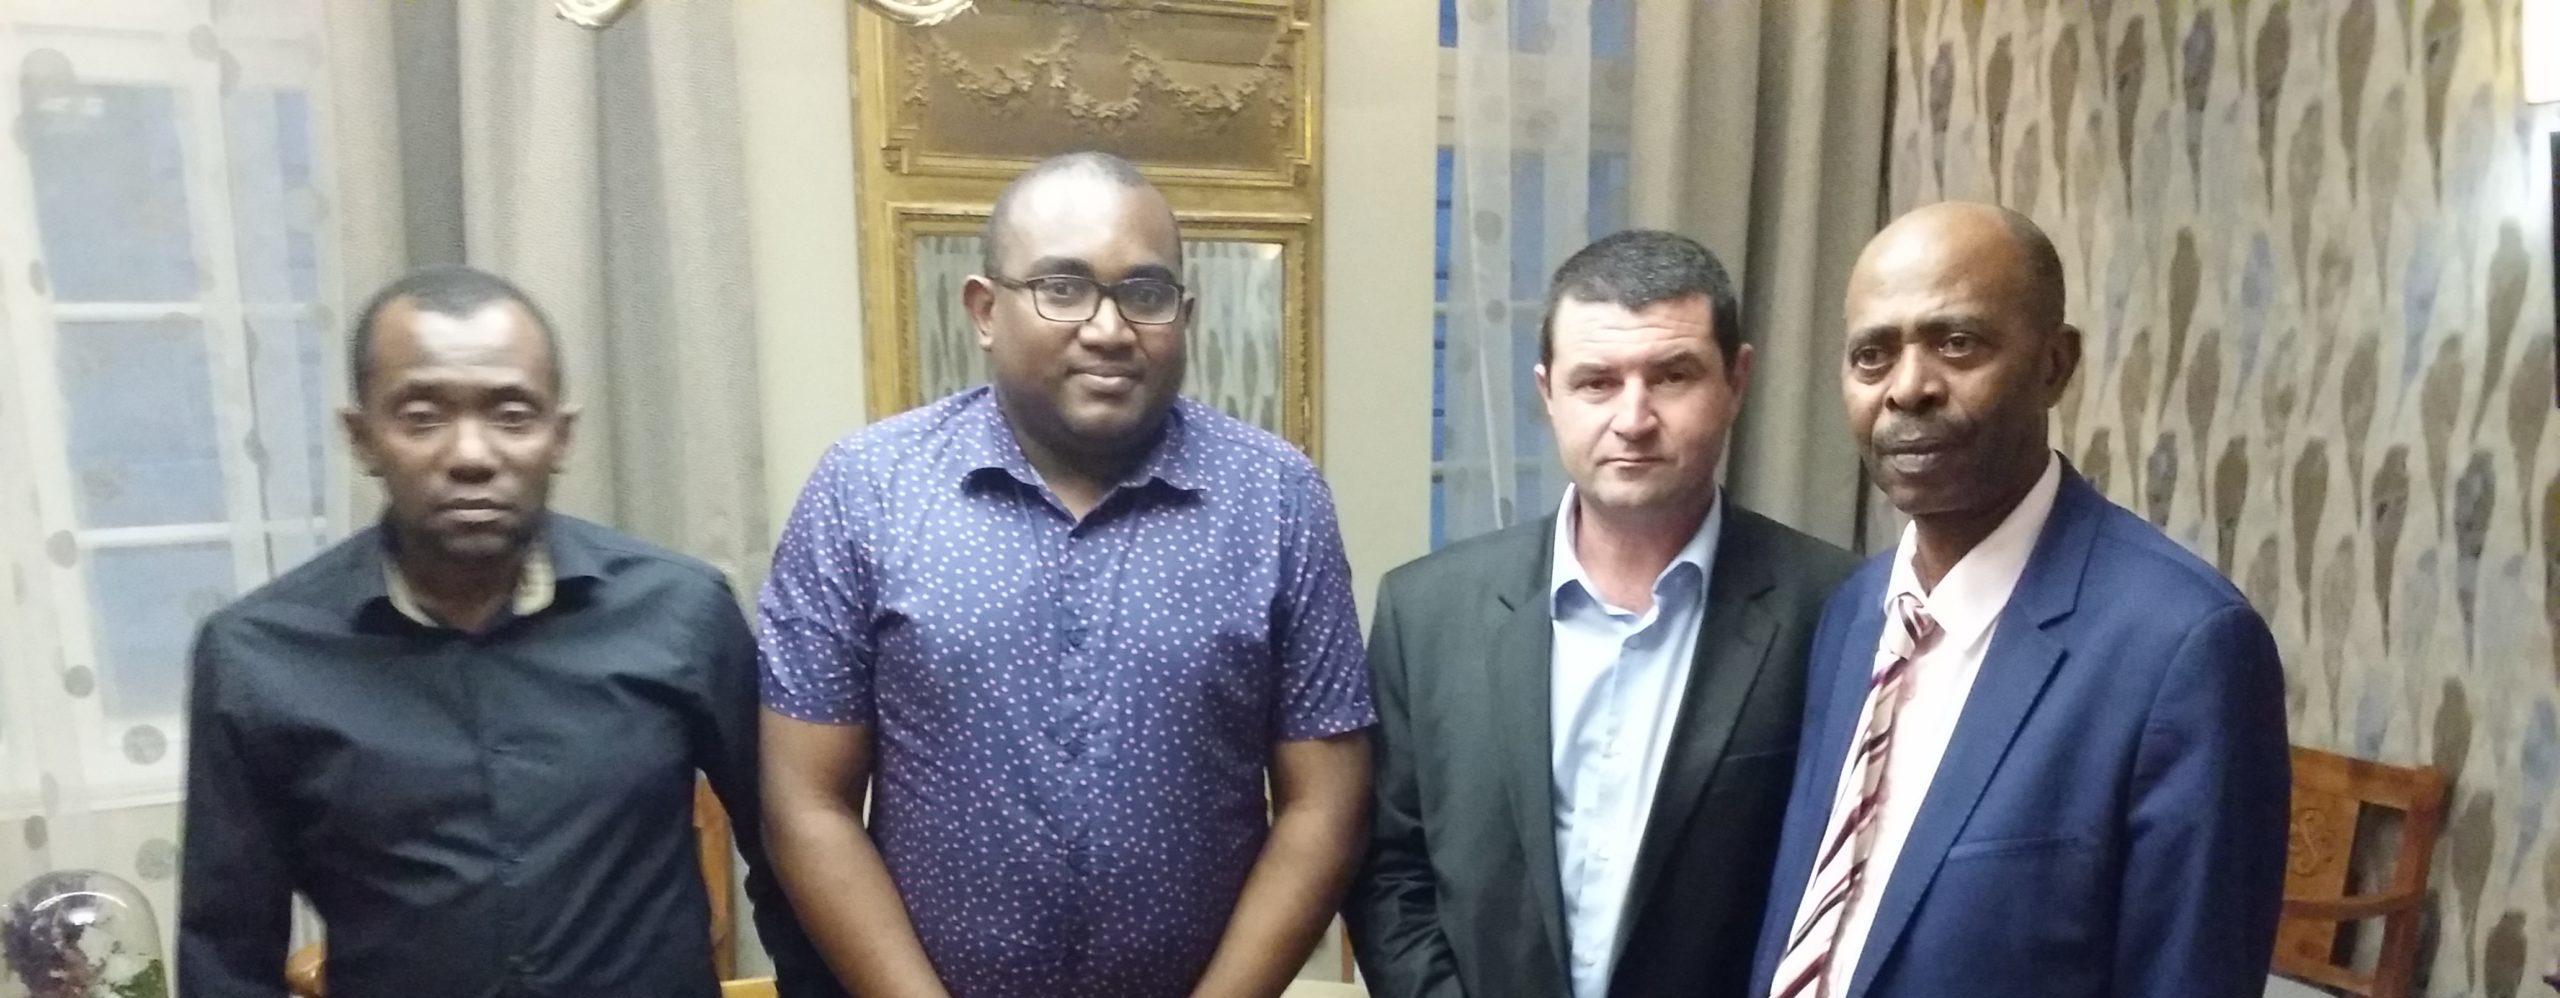 Rencontre avec Monsieur le Vice-Président de l'Union des Comores